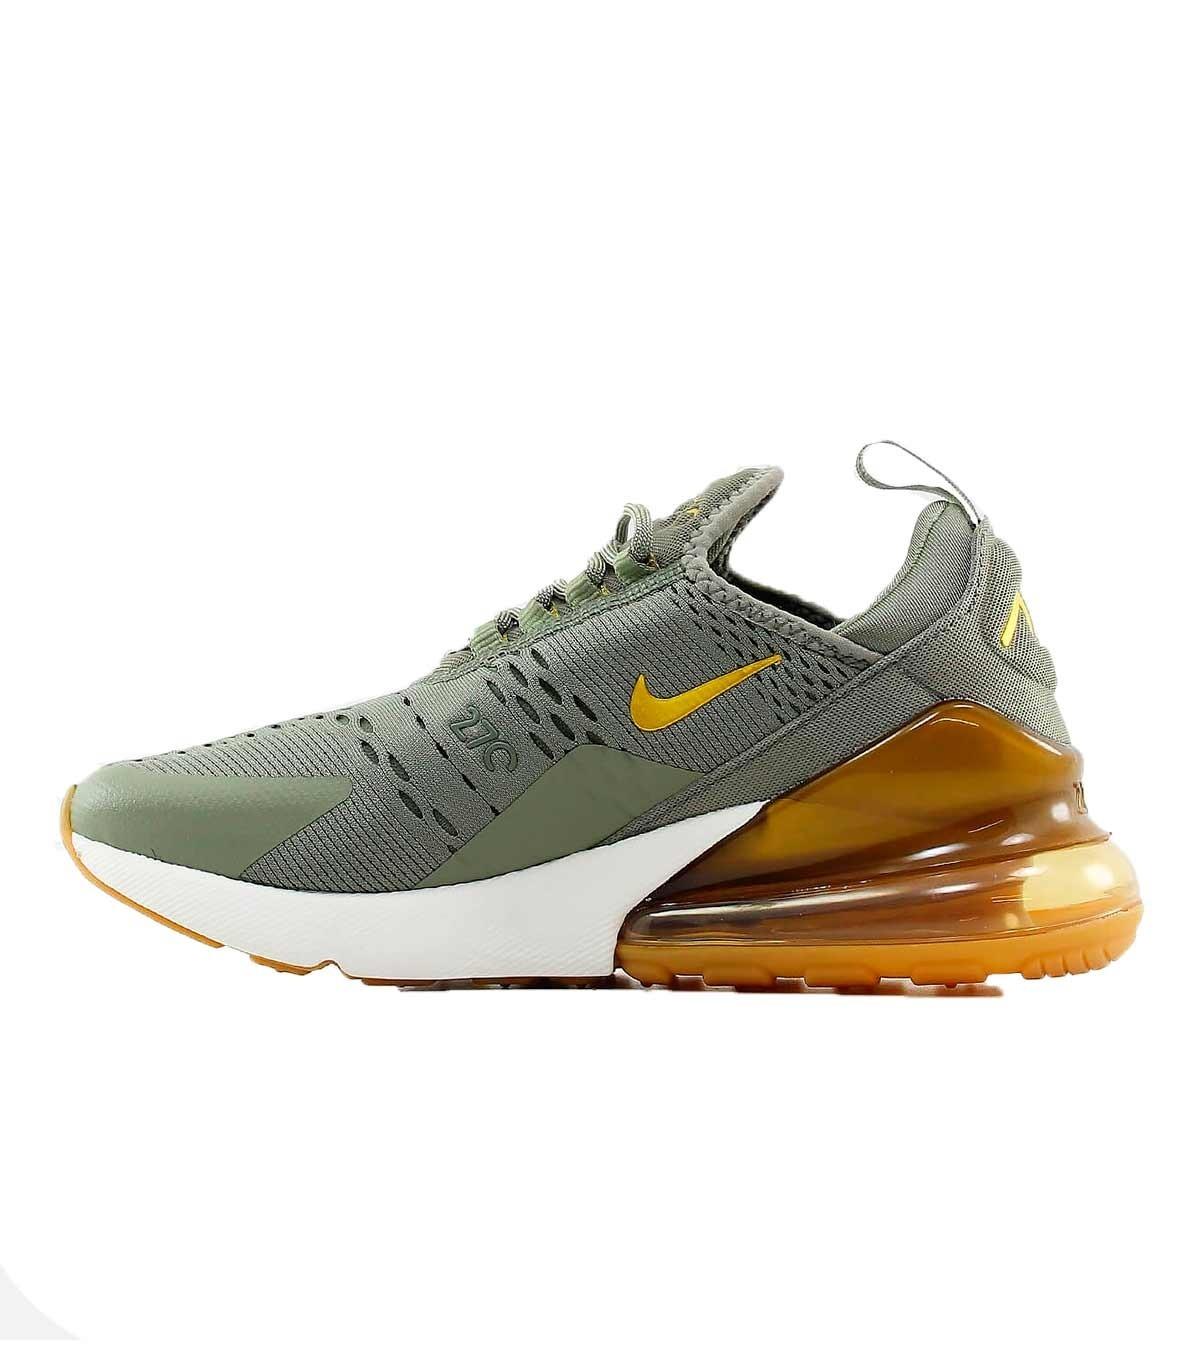 651d6503a82 Comprar Zapatillas Nike Air Max 270